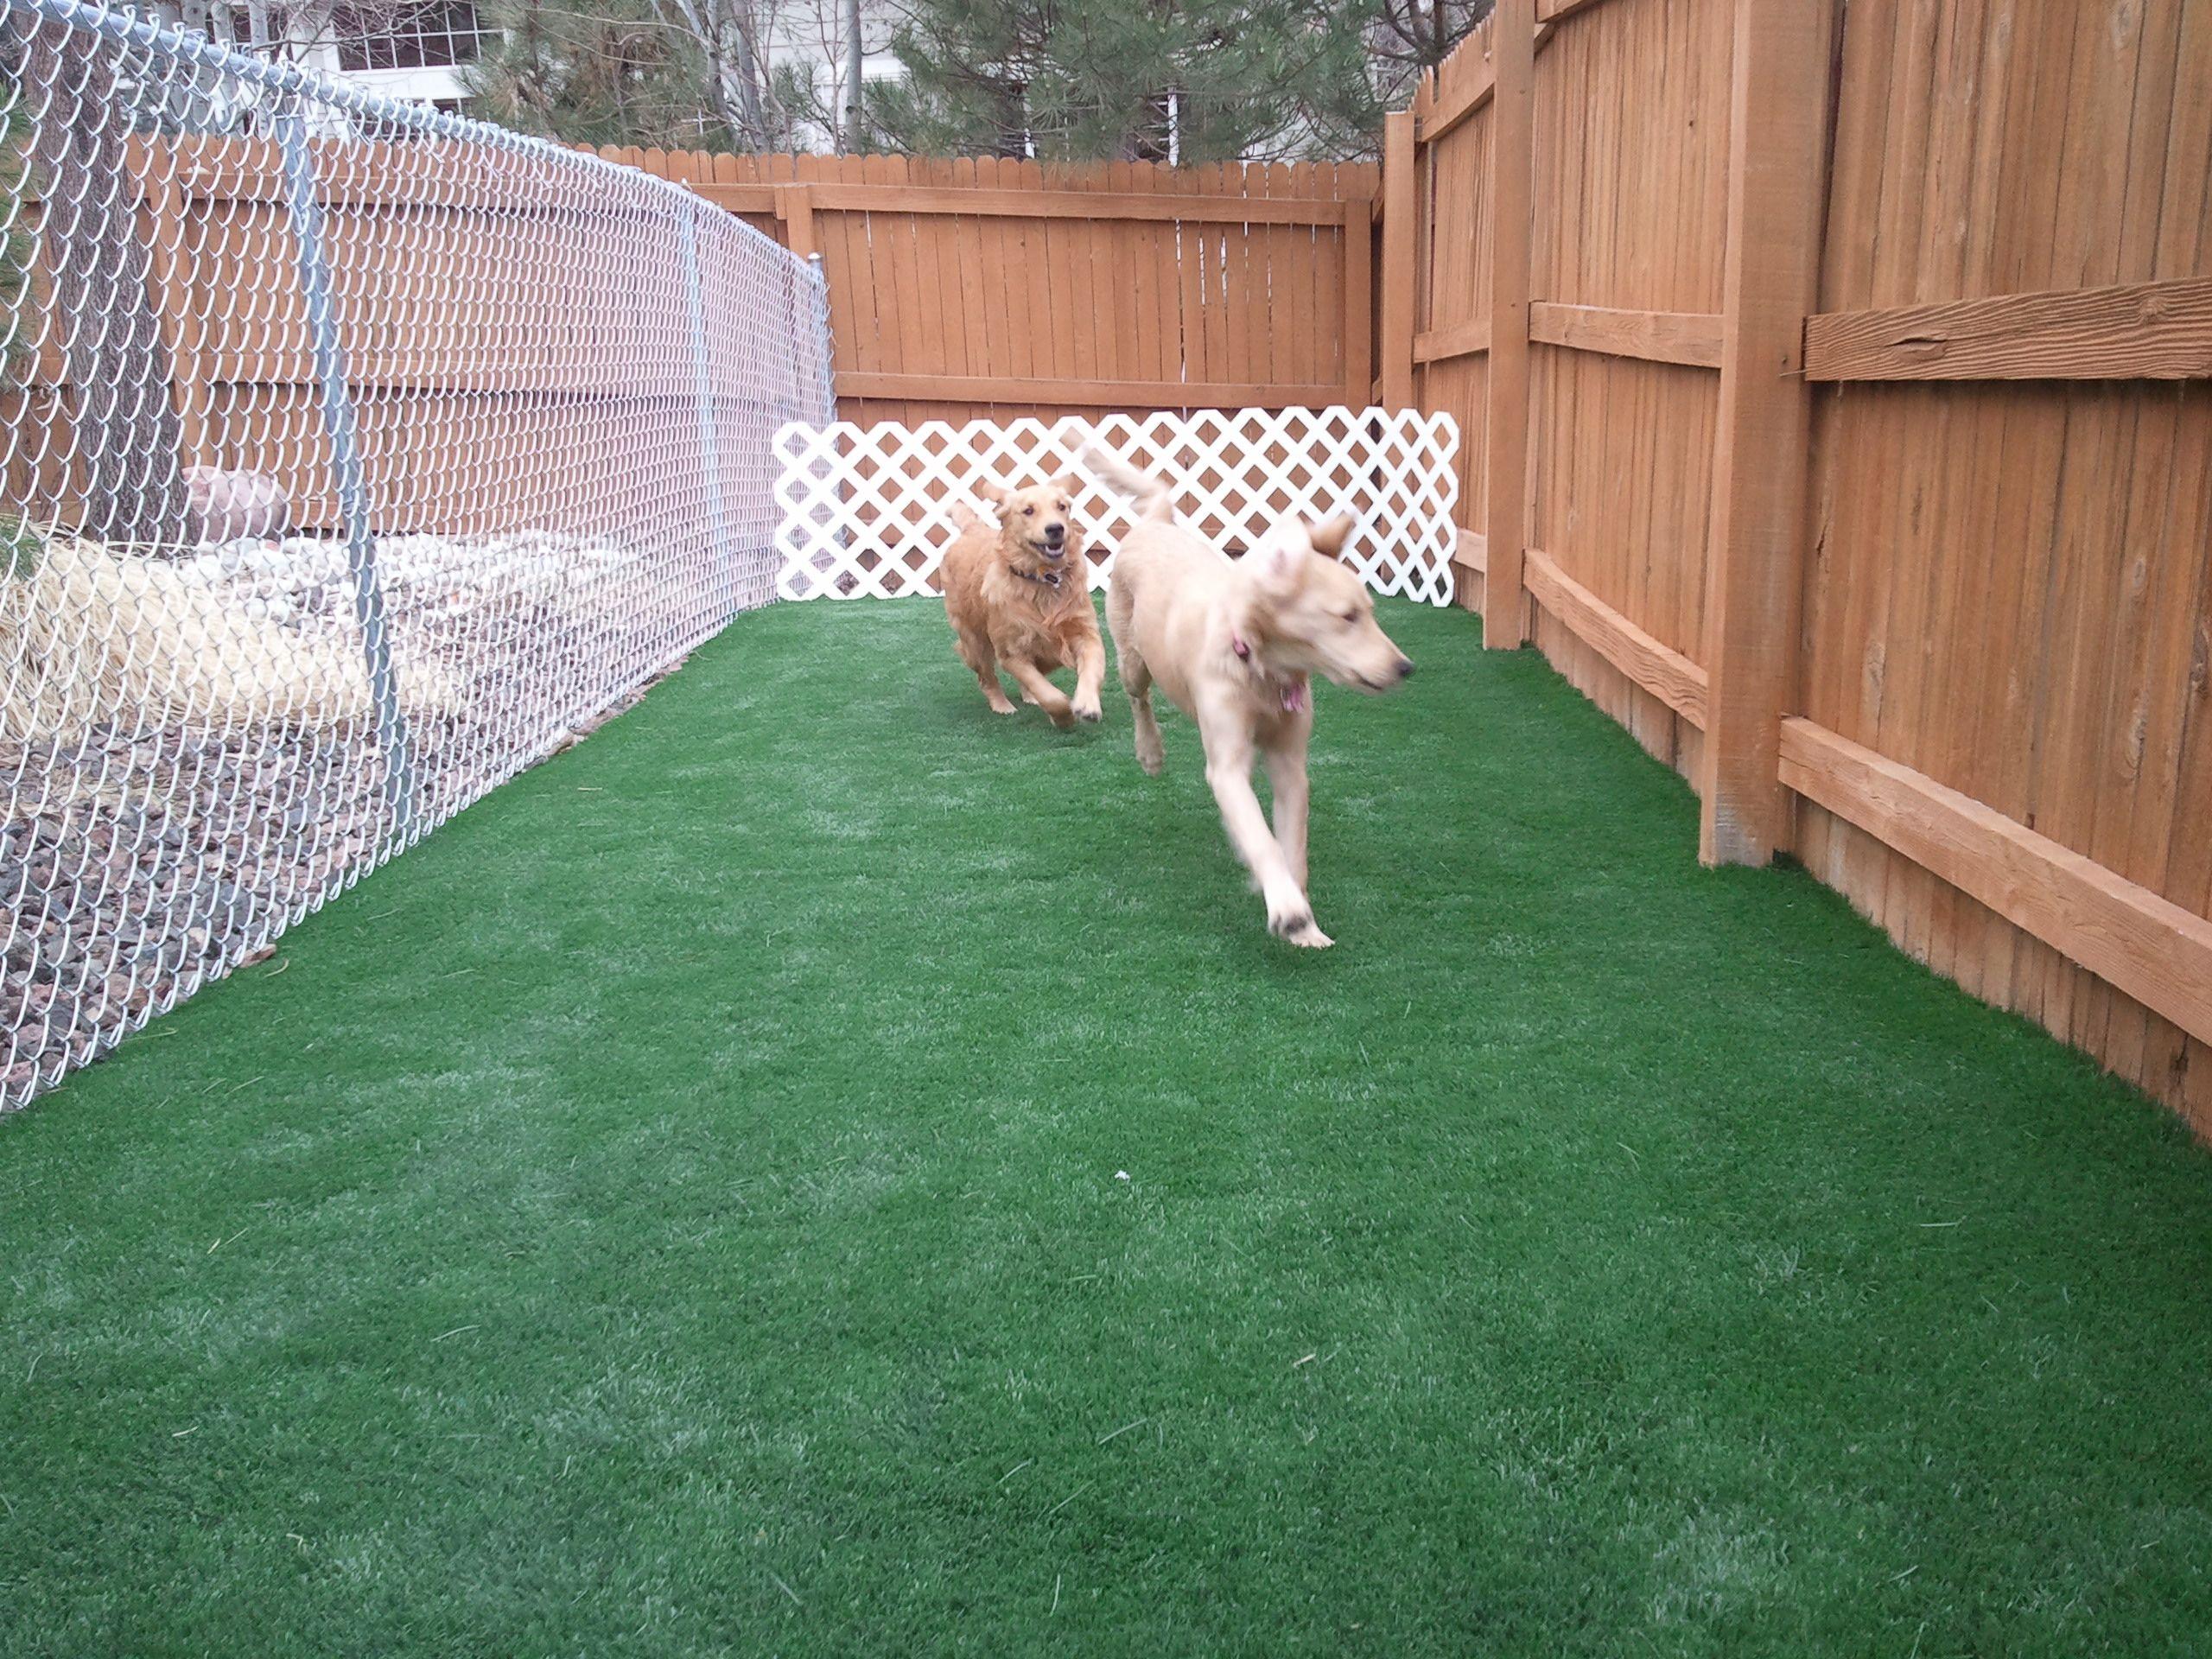 Dog Run Ideas Backyard : nice dog run  backyard bliss dog runs  Pinterest